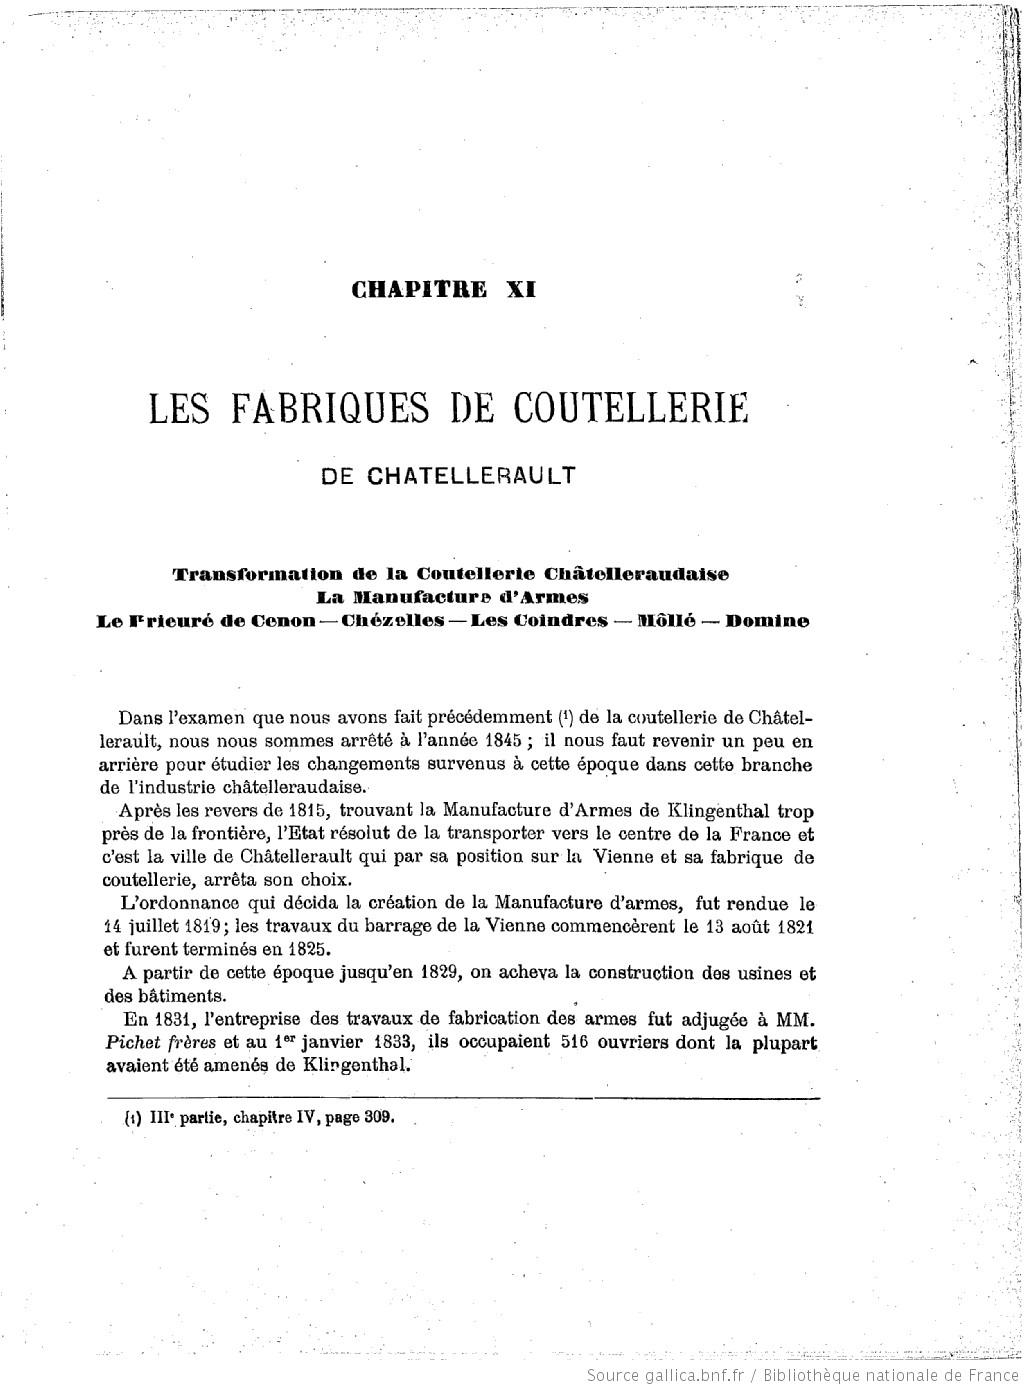 Marquage de lames sabres issus de Chatellerault 4_p_6110